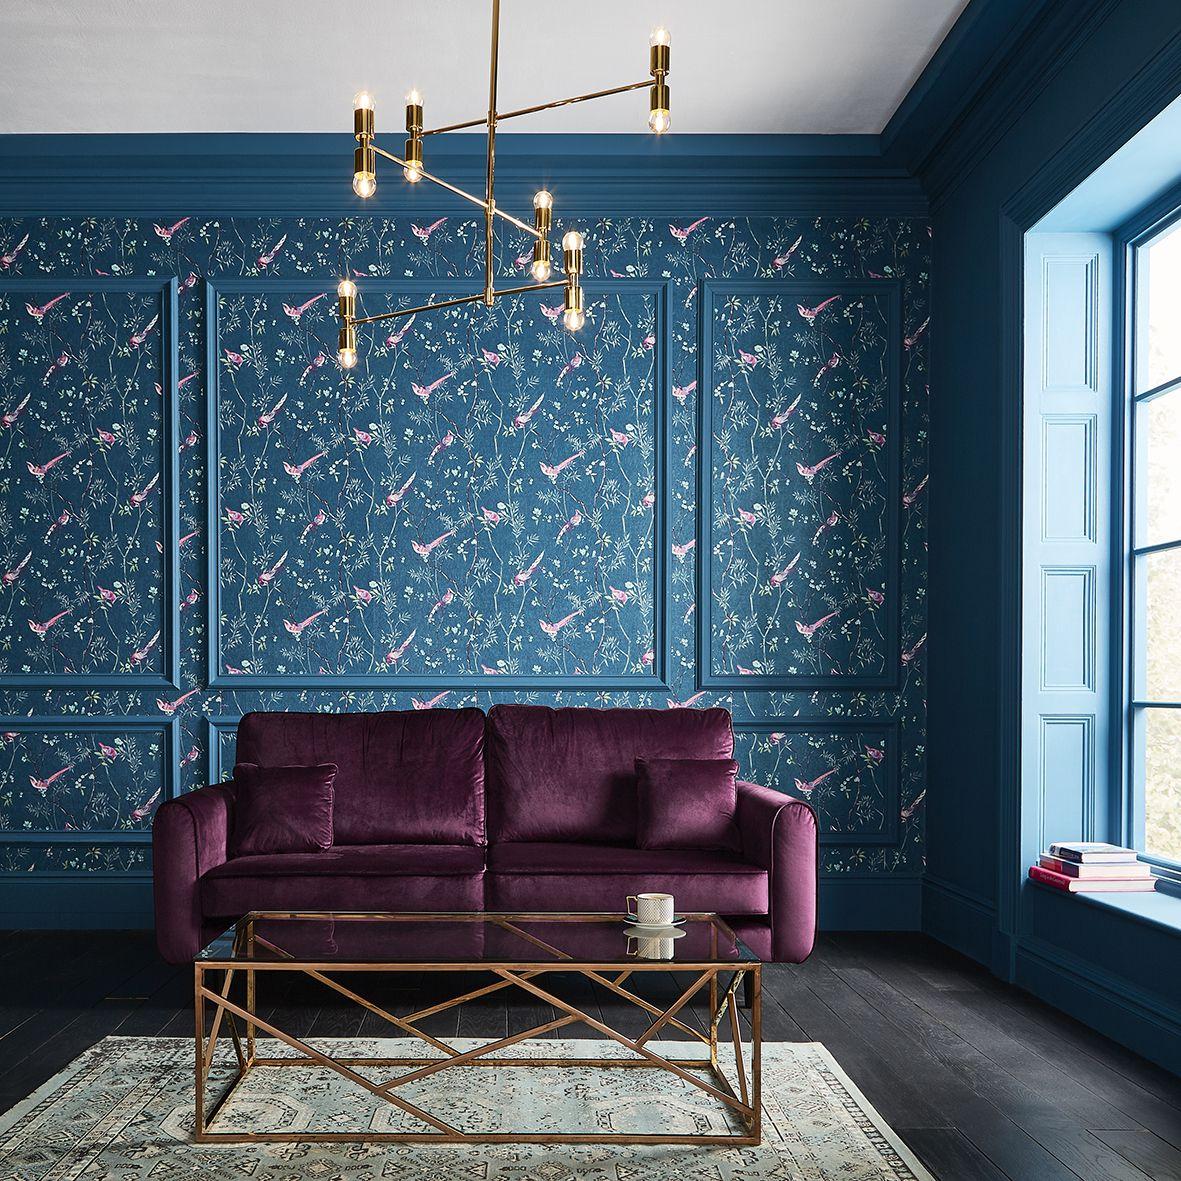 salón de diseño con toque vintage, qué colores se llevan para pintar un salón, sofá de terciopelo en morado, paredes pintadas en azul, papel pintado motivos florales